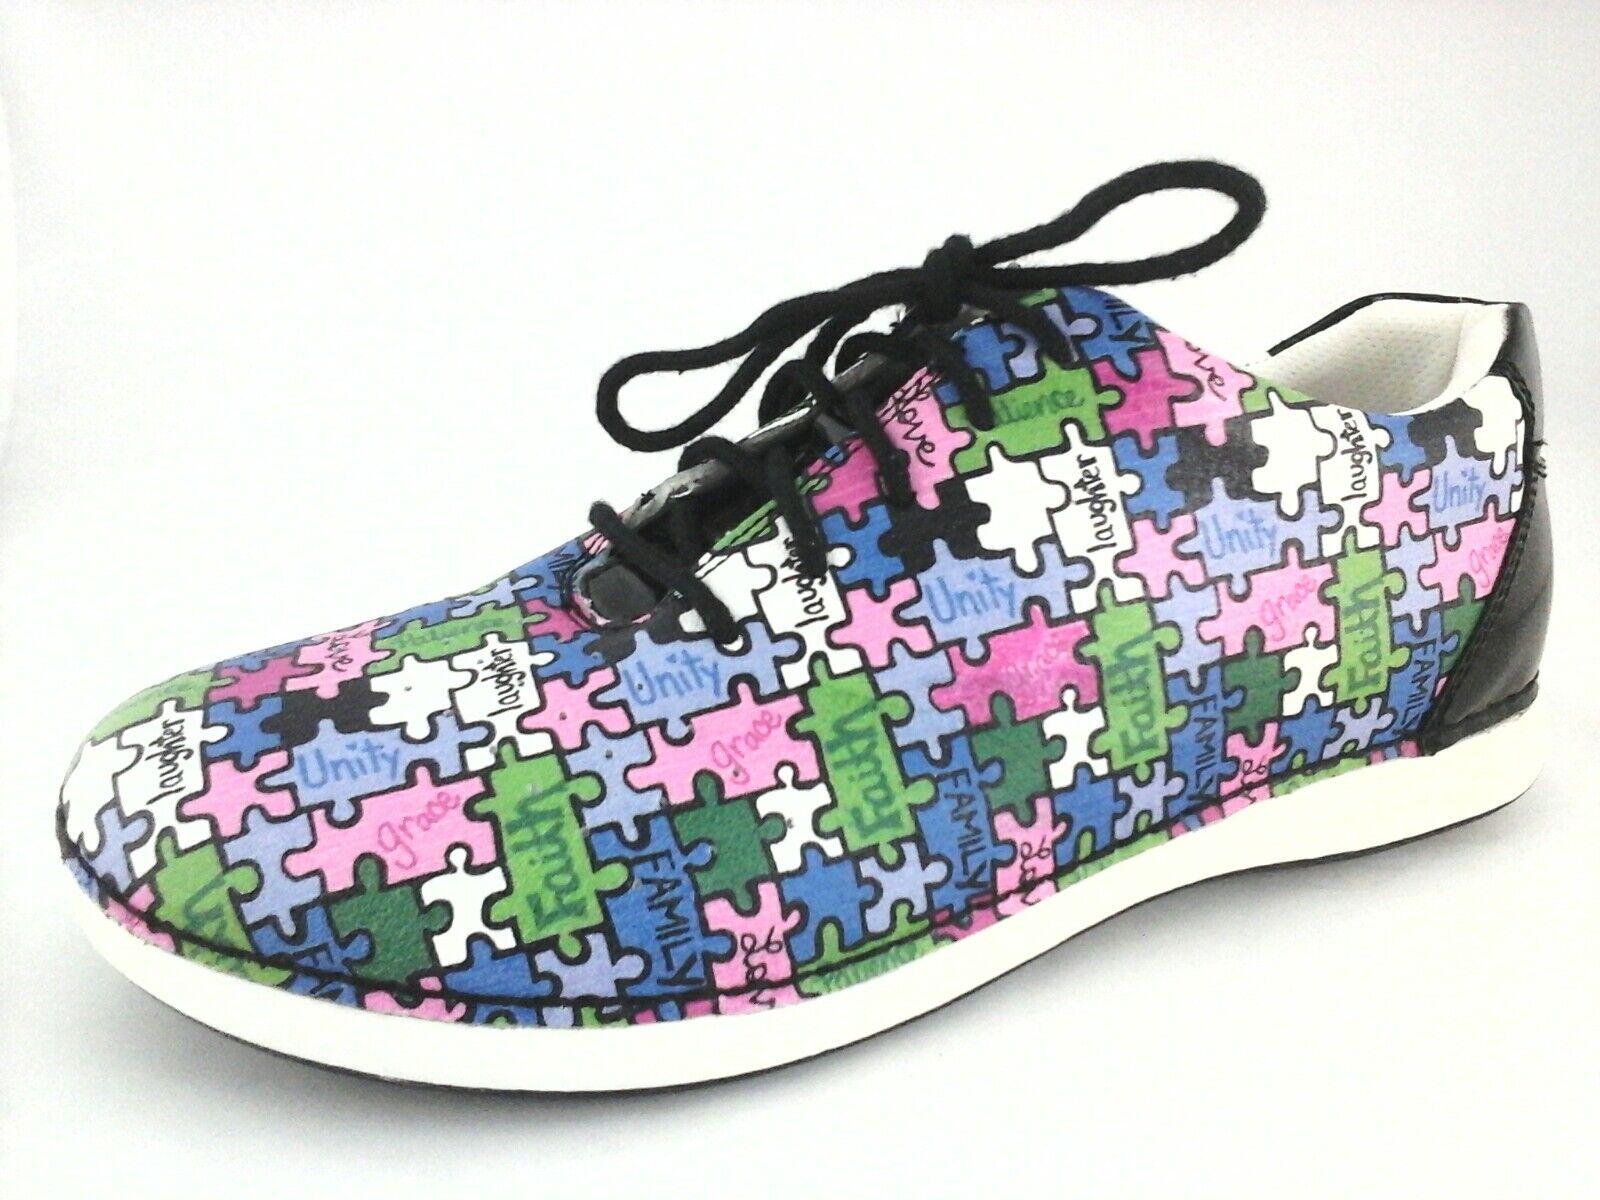 ALEGRIA Sneakers ALL TOGETHER Schuhes PUZZLE MULTI MULTI MULTI Comfort Damenschuhe US 9.5/10 EU 40 aa7f34